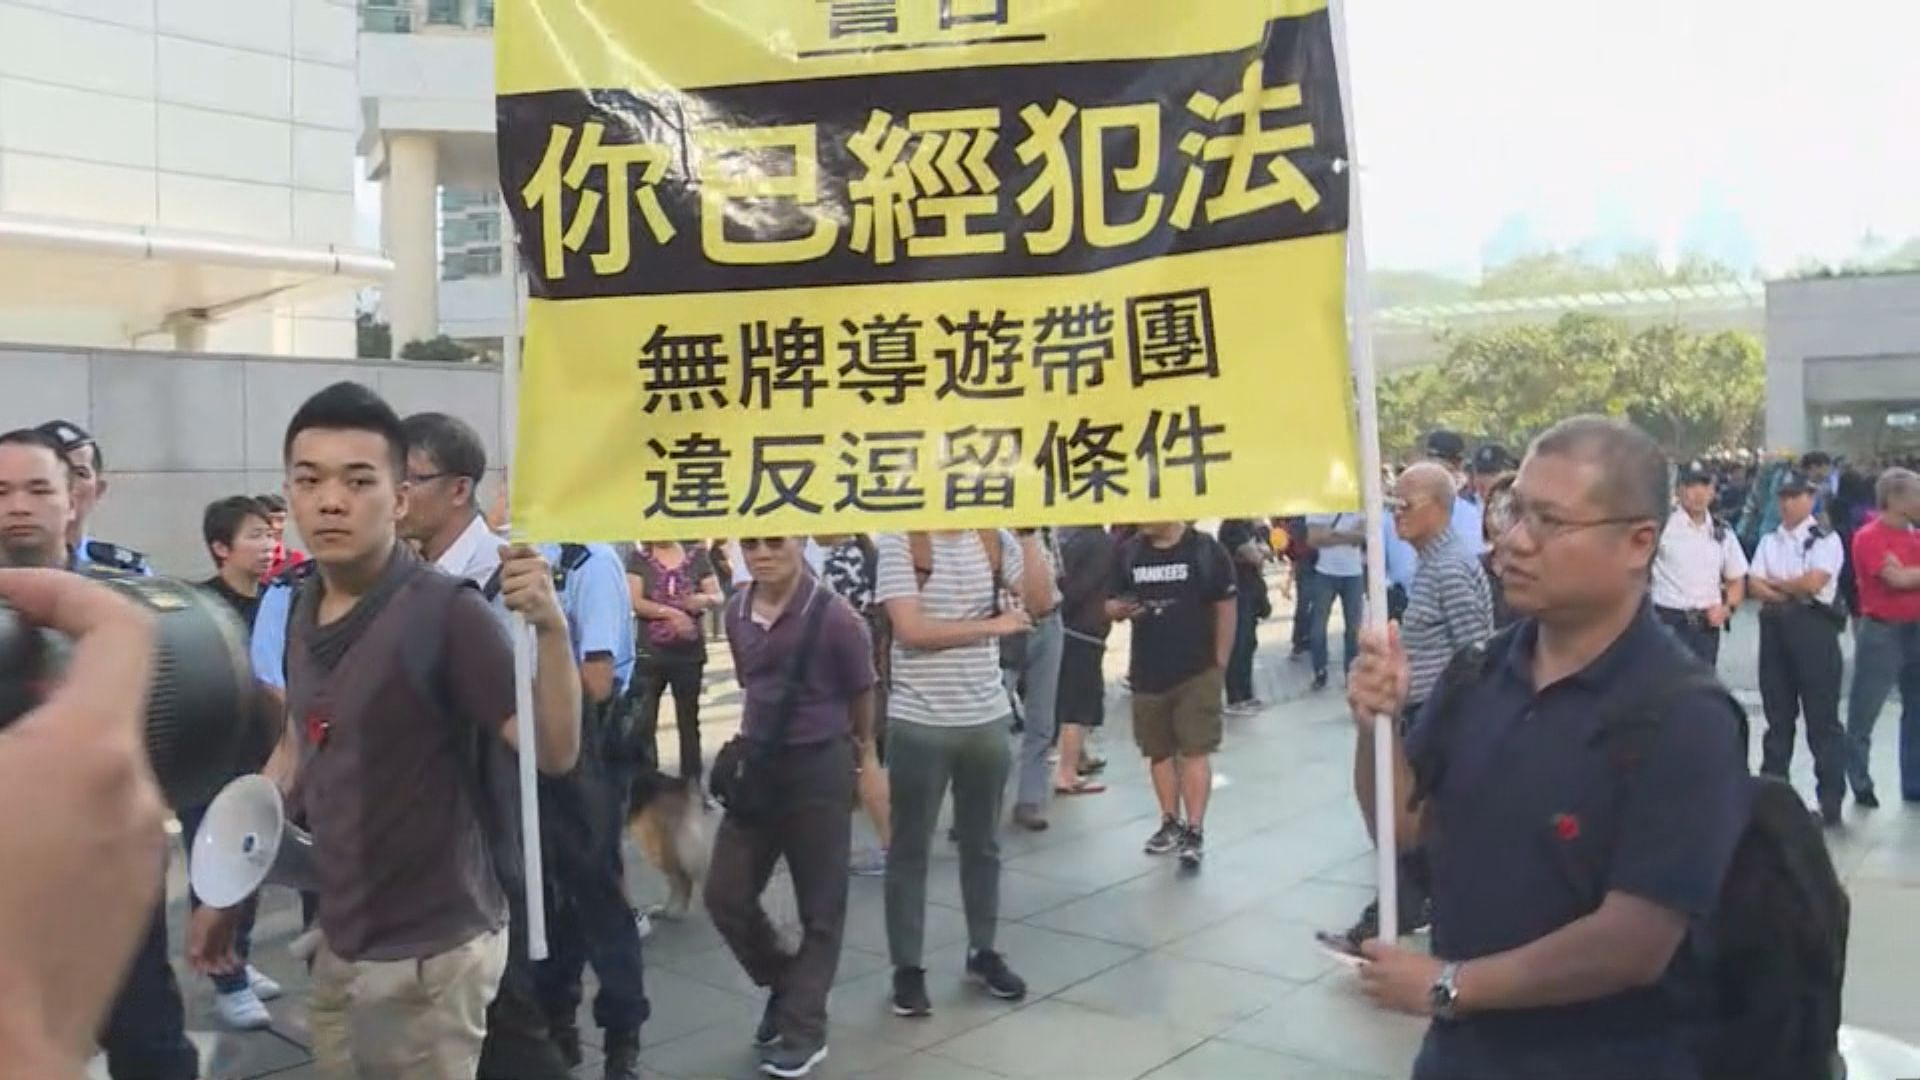 有團體東涌發起集會抗議旅客影響居民生活